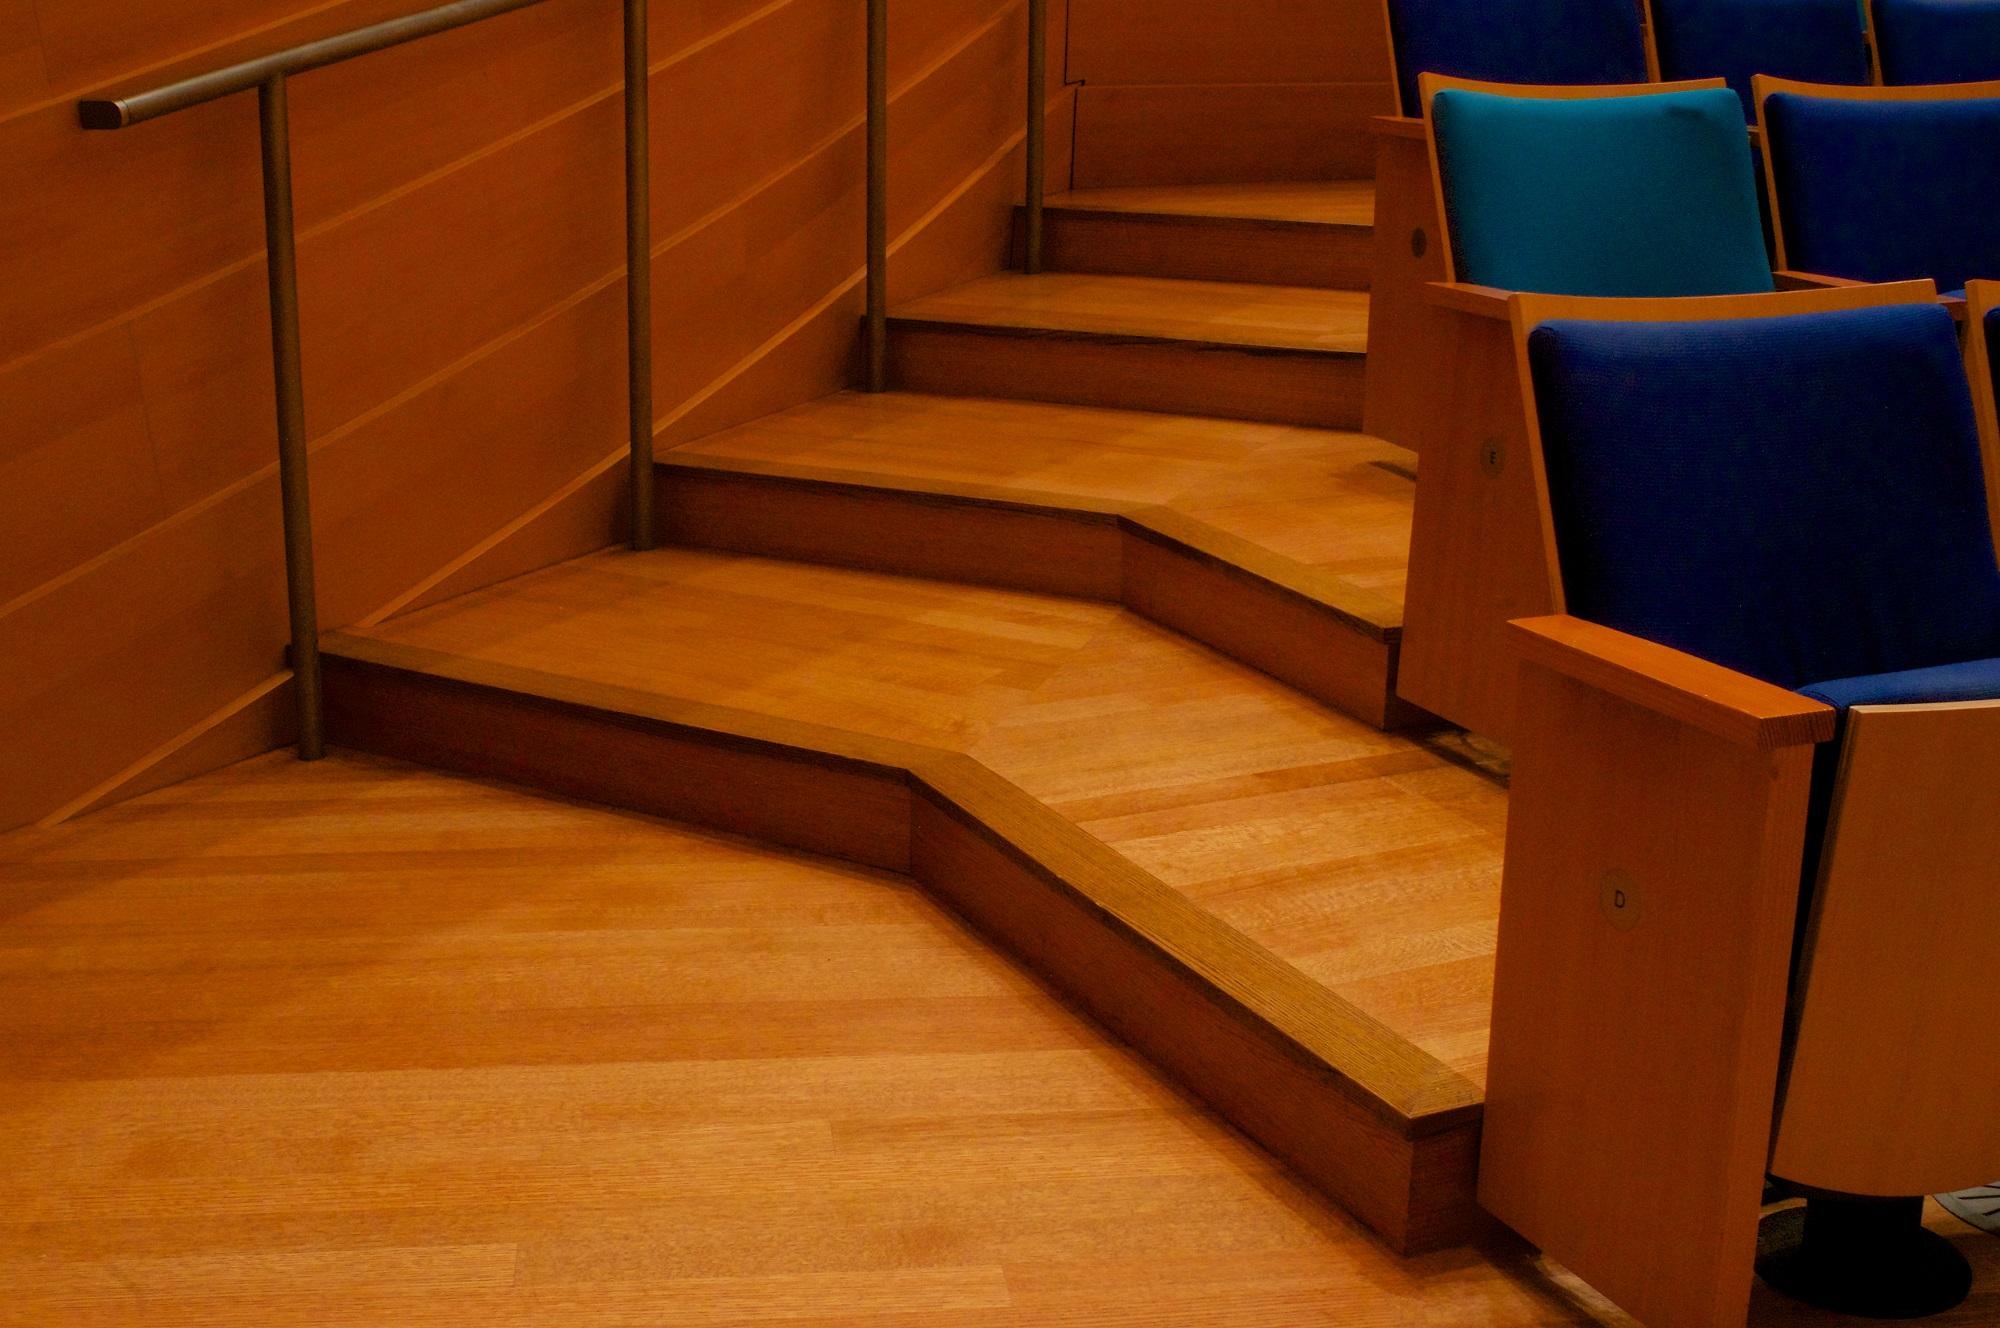 kauffman-stairs